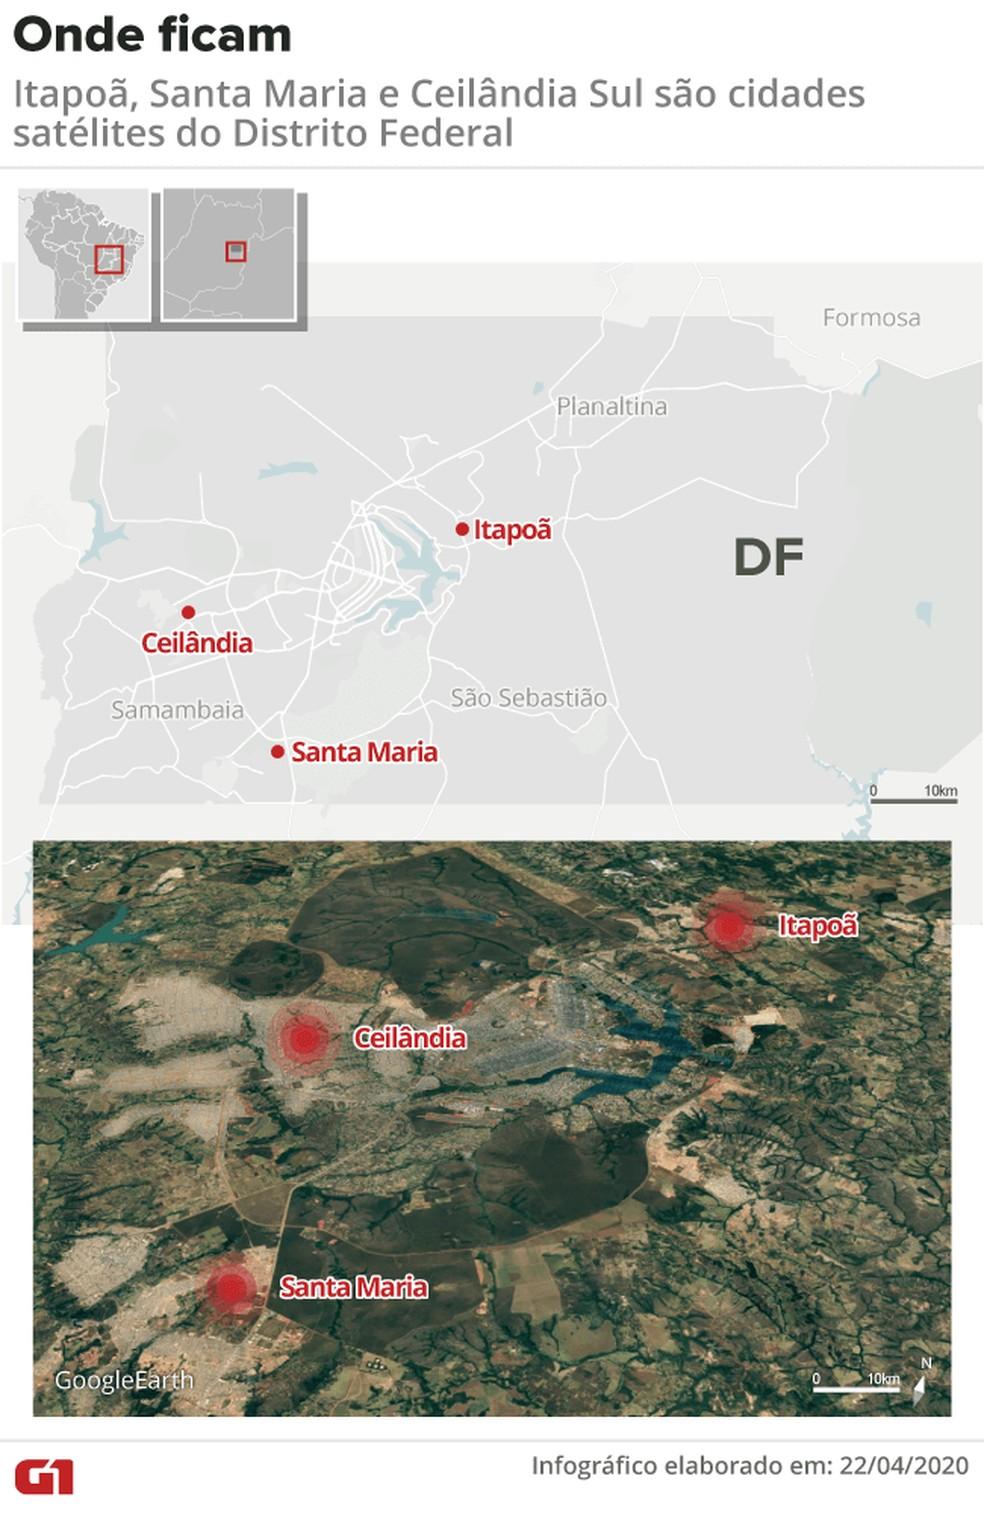 Onde ficam Itapoã, Santa Maria e Ceilândia, cidades satélites do DF — Foto: Juliane Souza